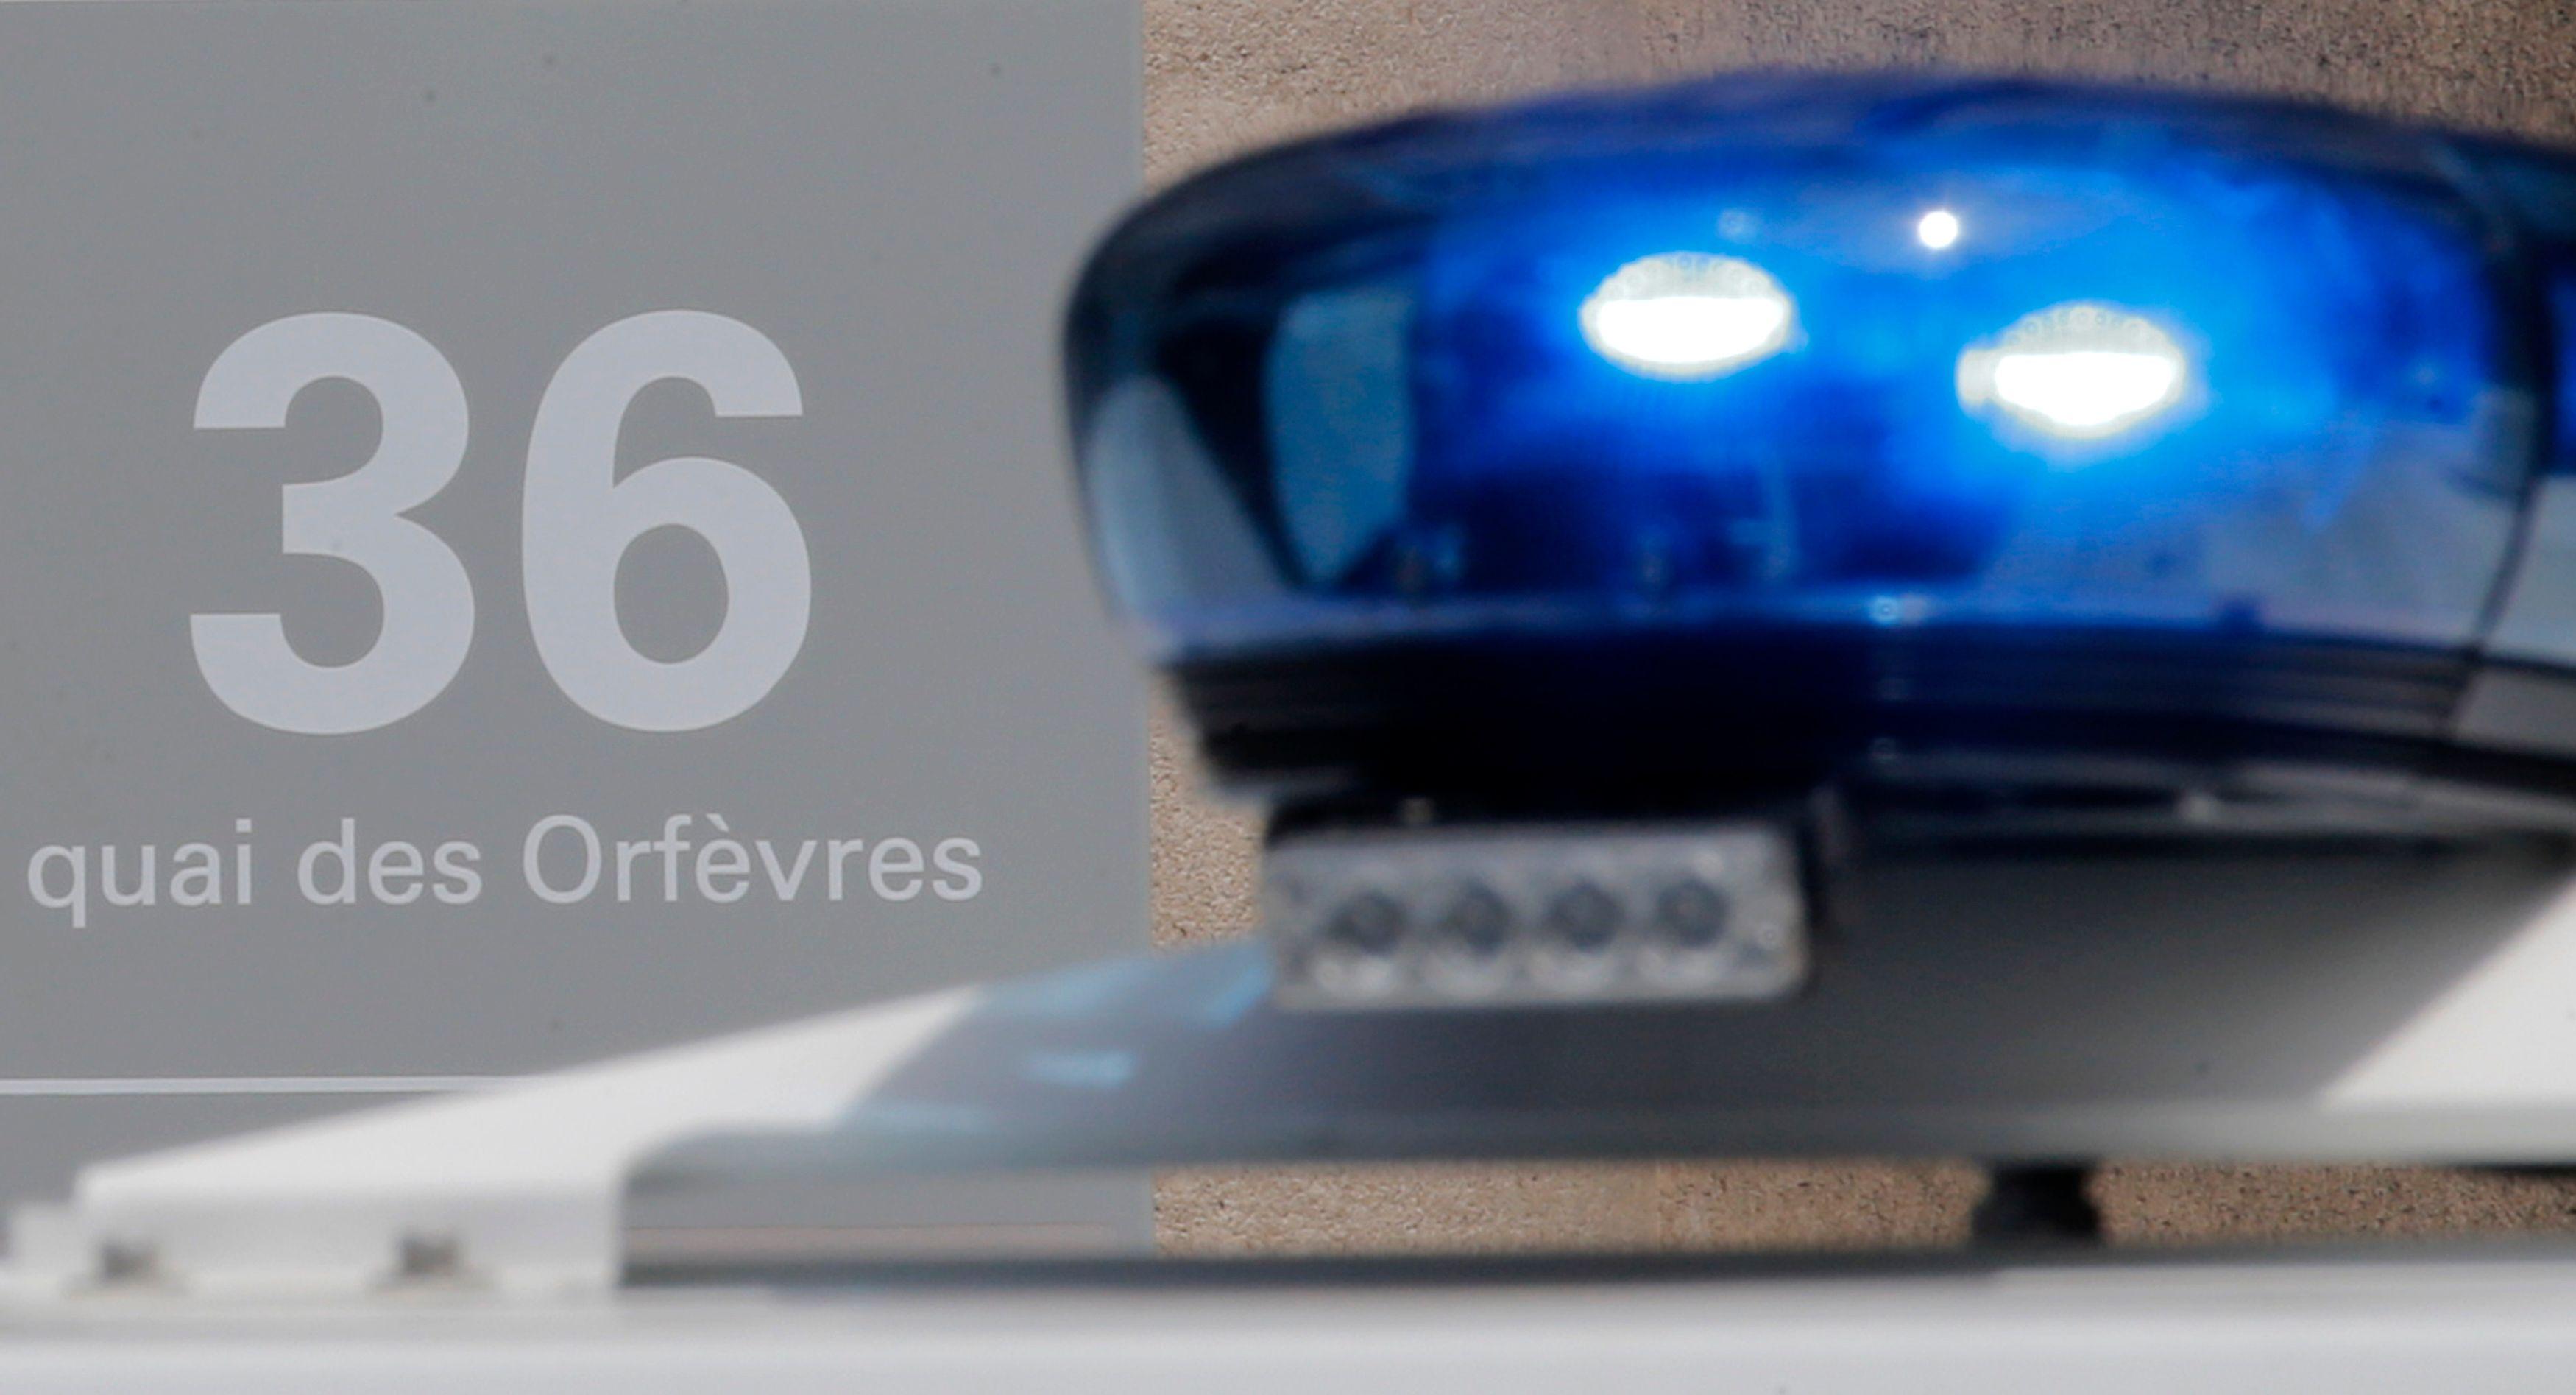 50 kilos de cocaïne ont disparu au 36 Quai des Orfèvres